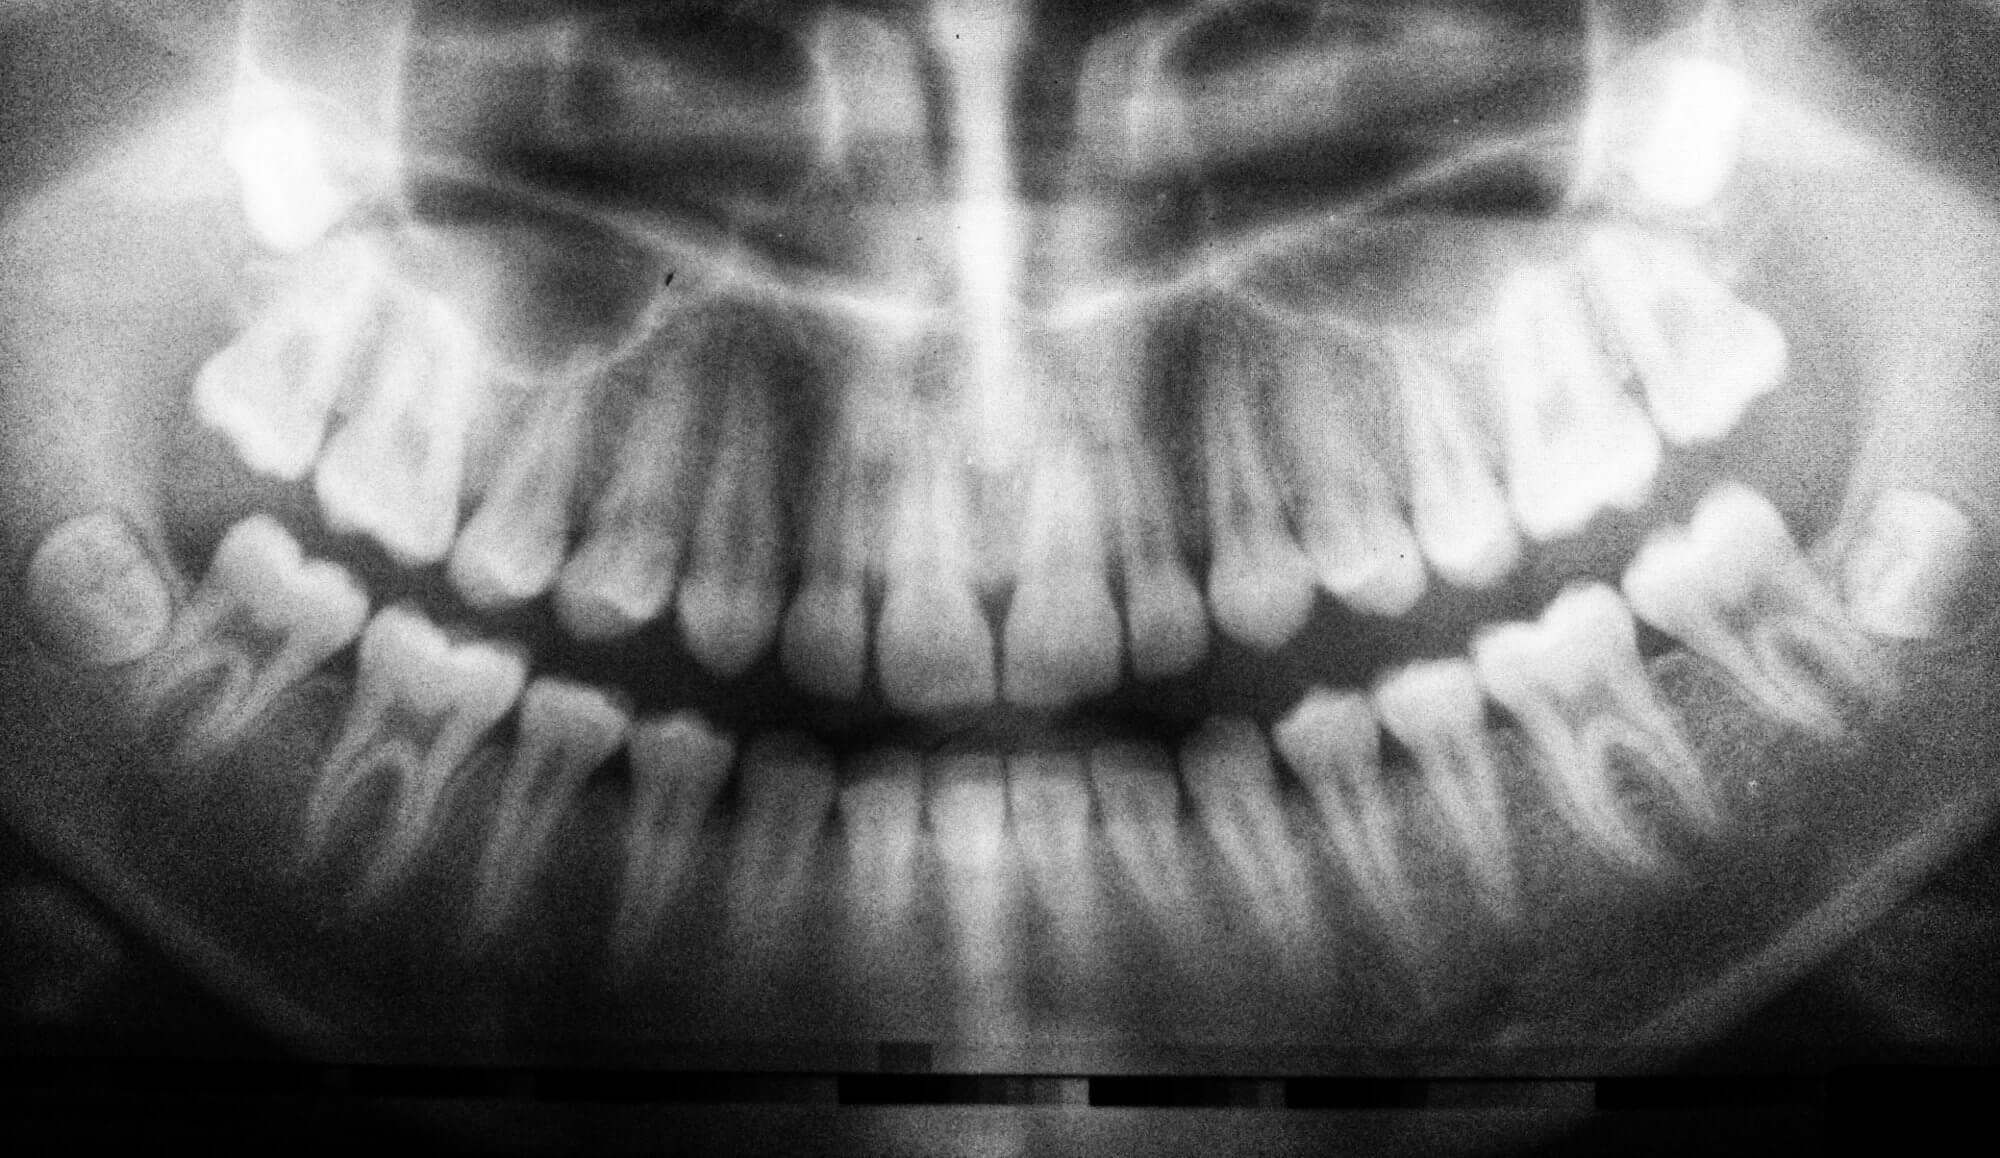 Röntgenbild für die Behandlung mit Alignern